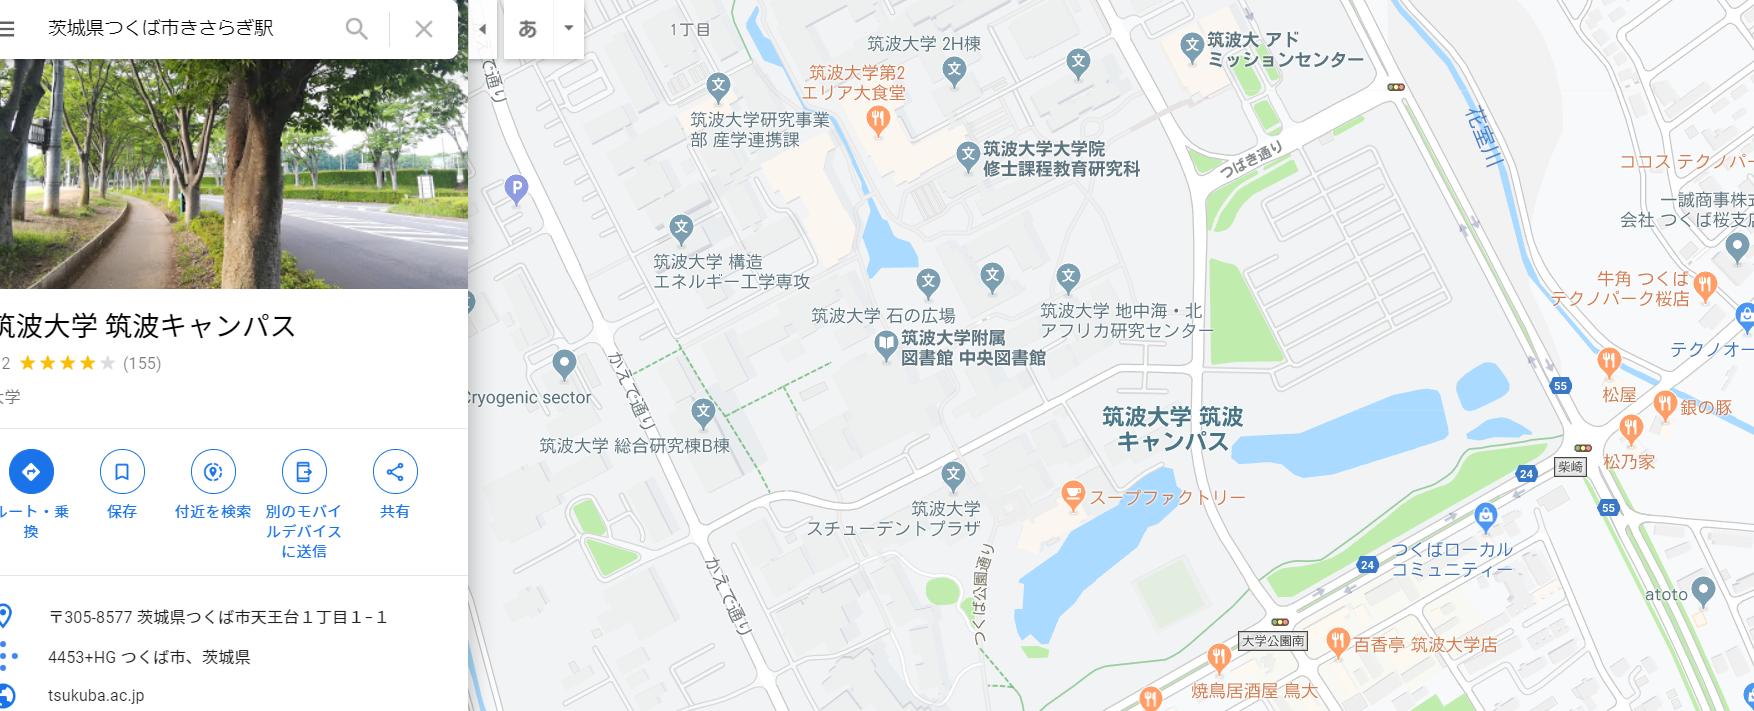 きさらぎ駅の場所